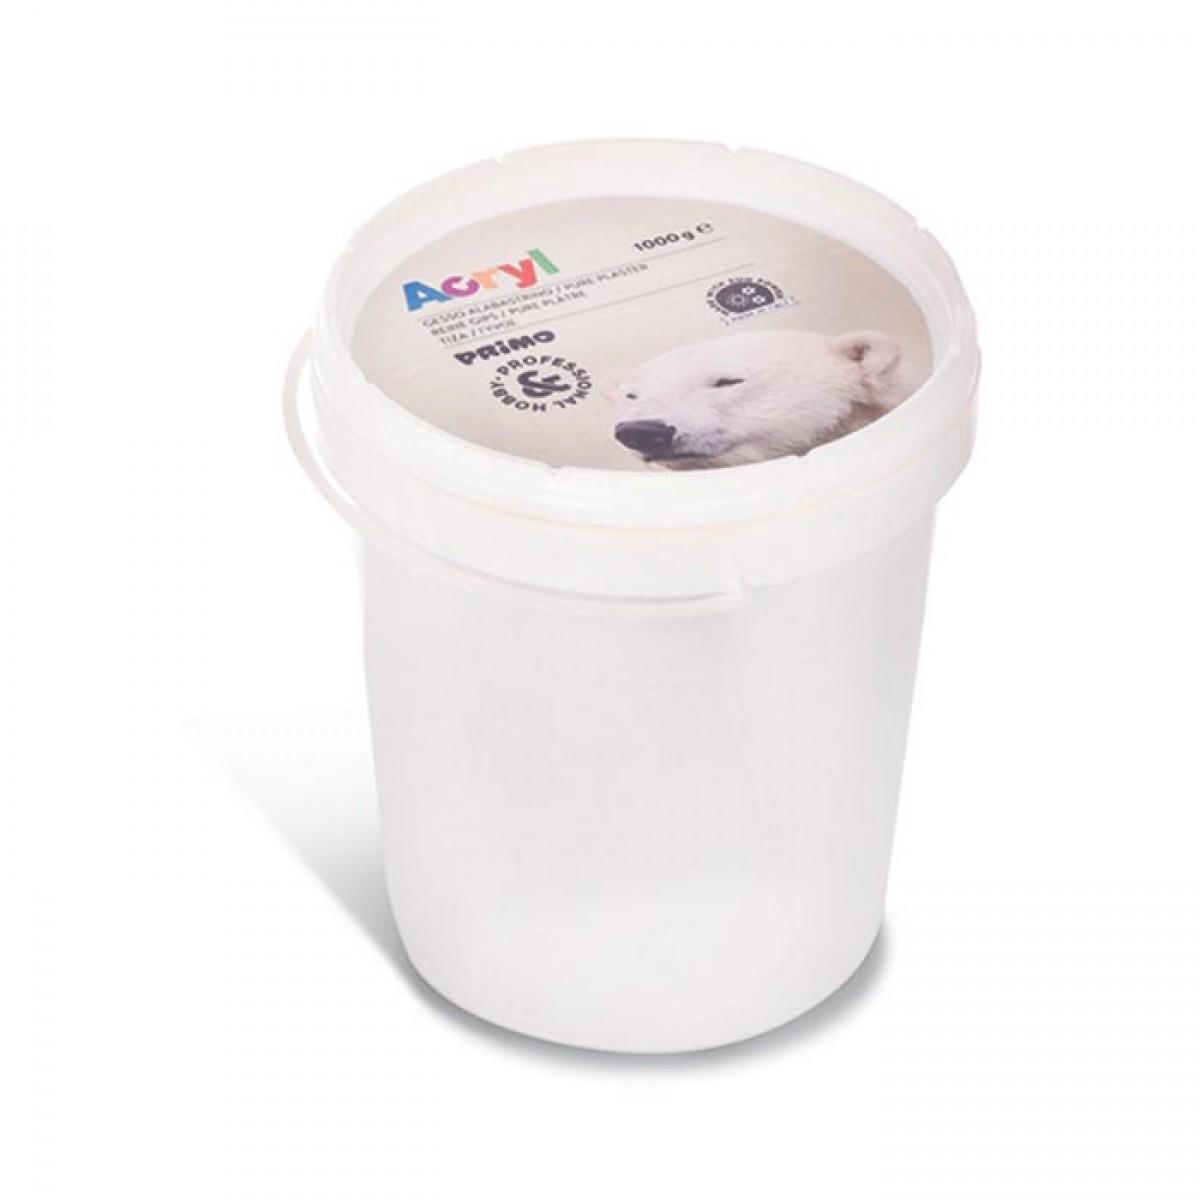 Primo Γύψος Σε Πλαστικό Κουβά (1kg) Είδη Ζωγραφικής